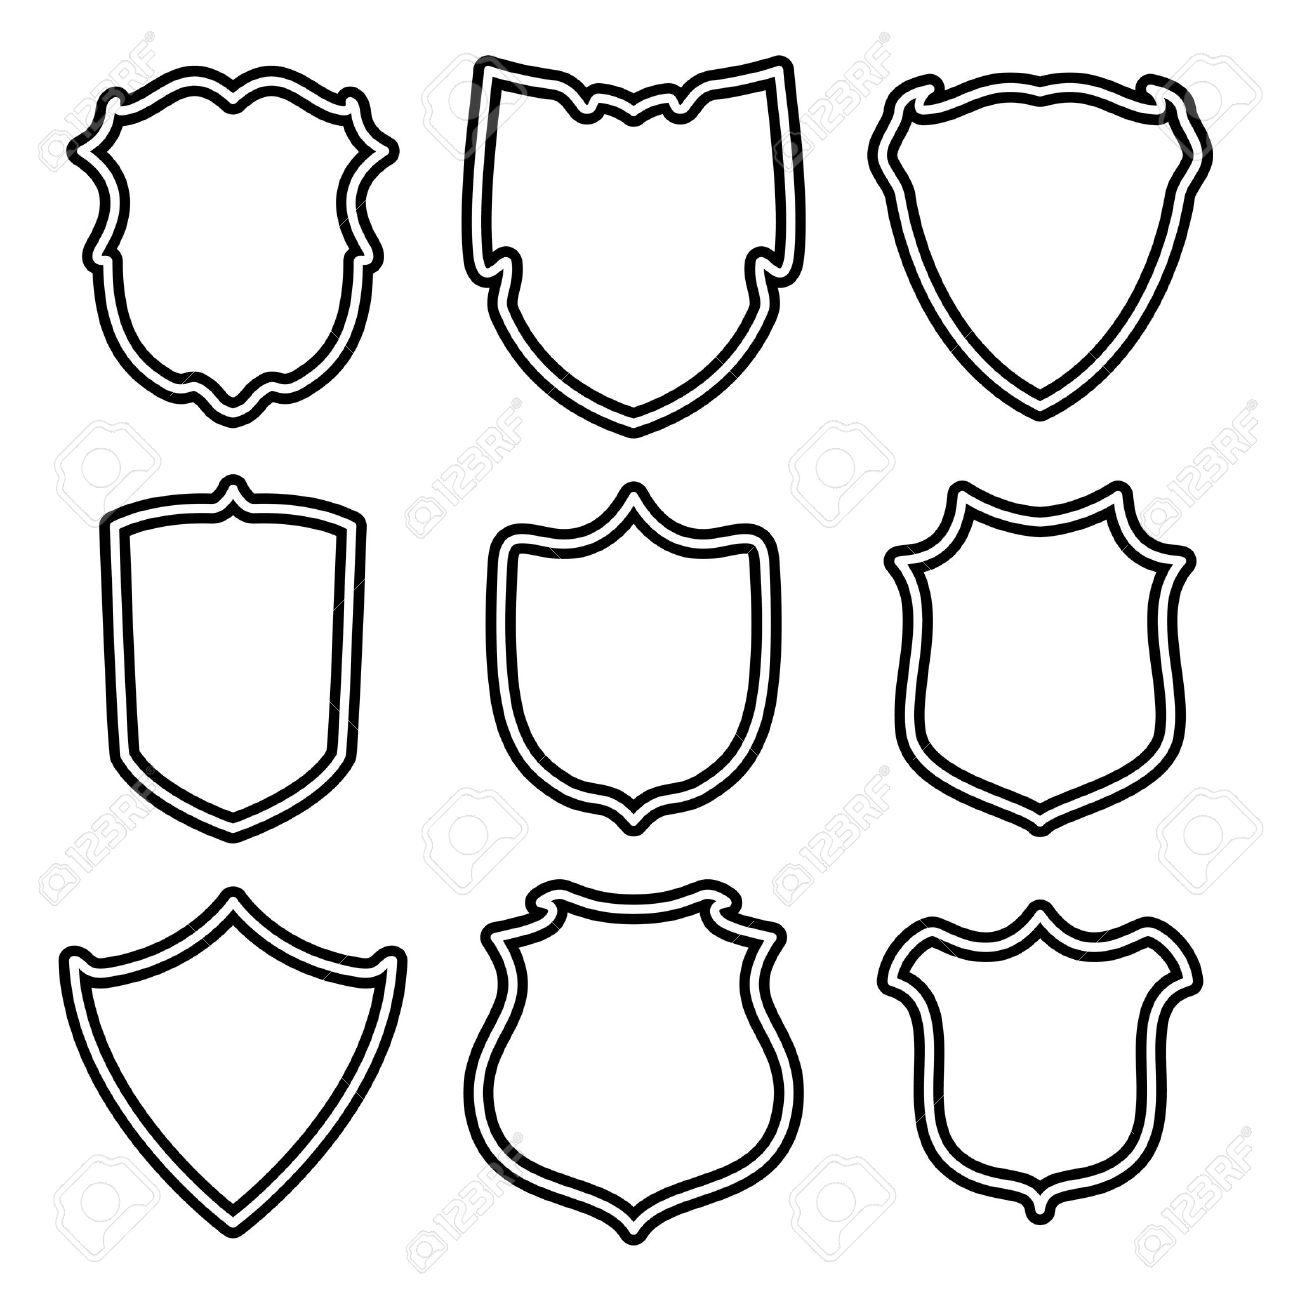 Vector De Conjunto De Escudos Ilustraciones Vectoriales, Clip Art.